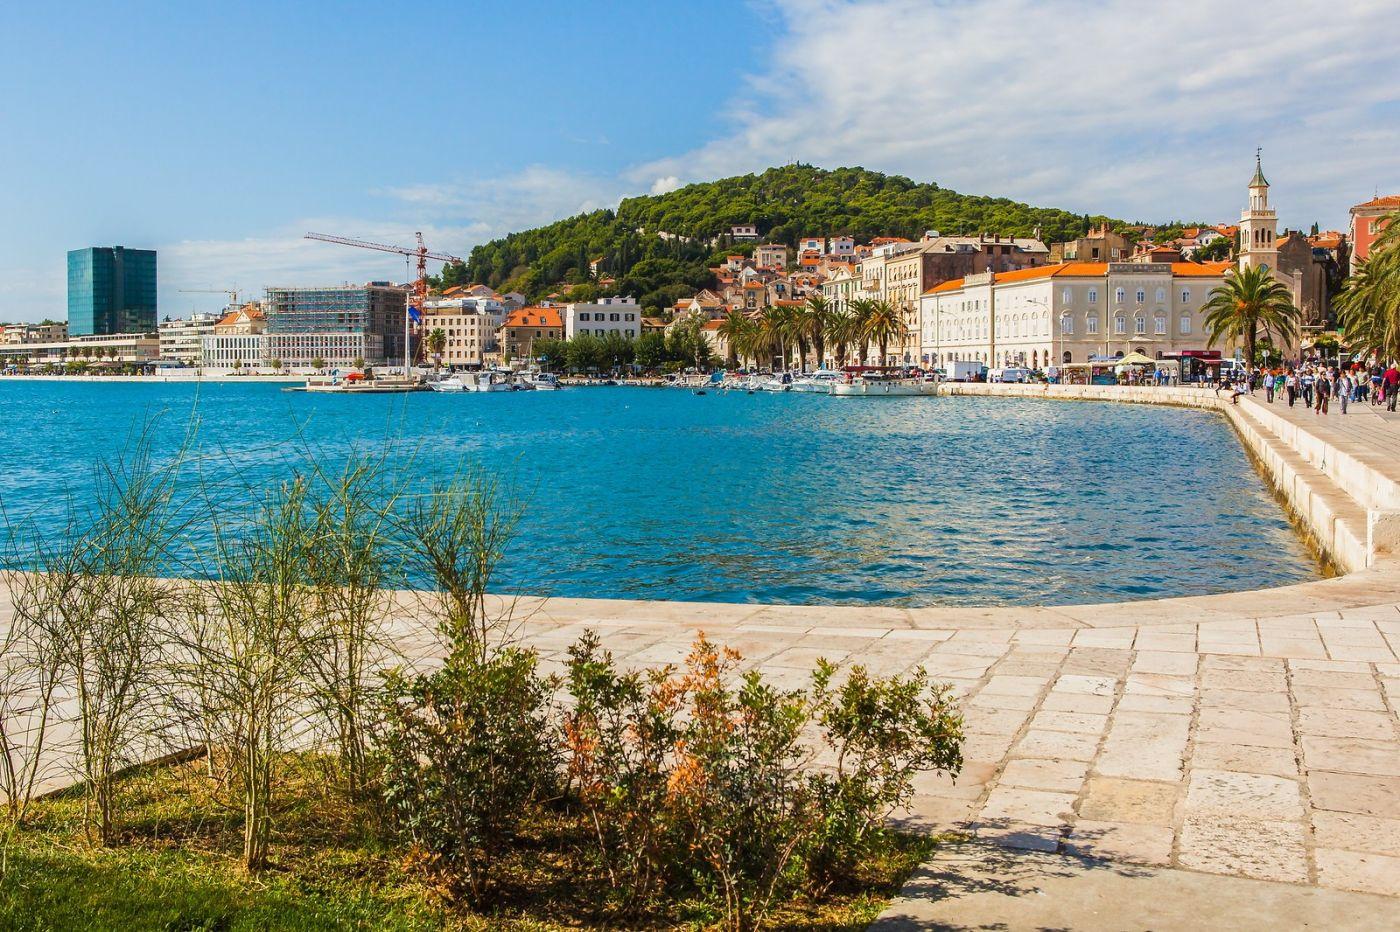 克罗地亚斯普利特(Split),美丽海滨城市_图1-6